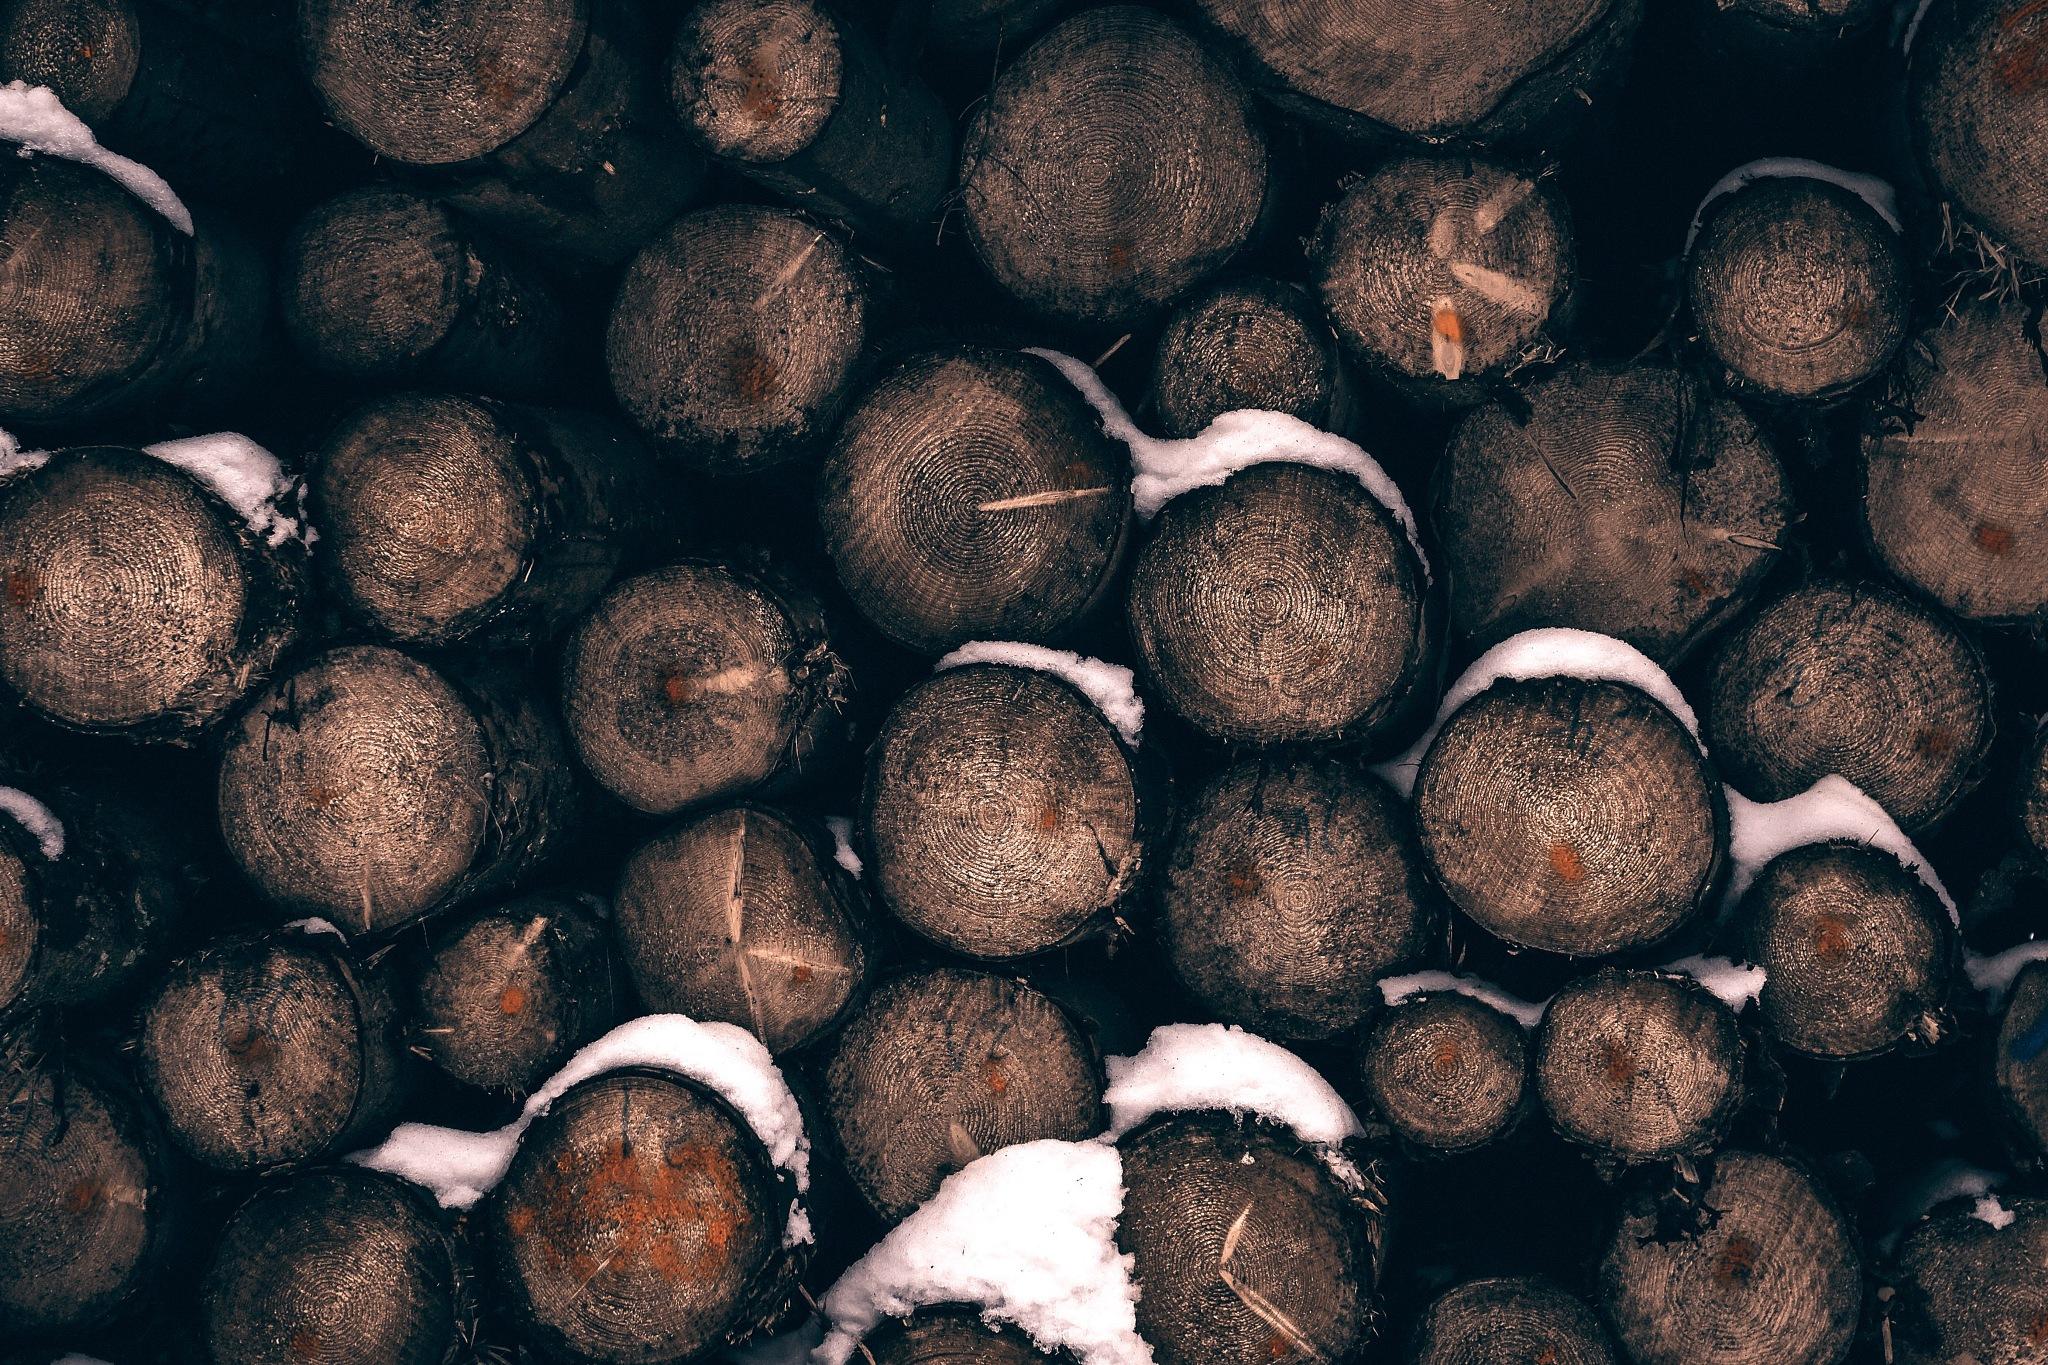 Black Forest Woods by Stefan Köhler